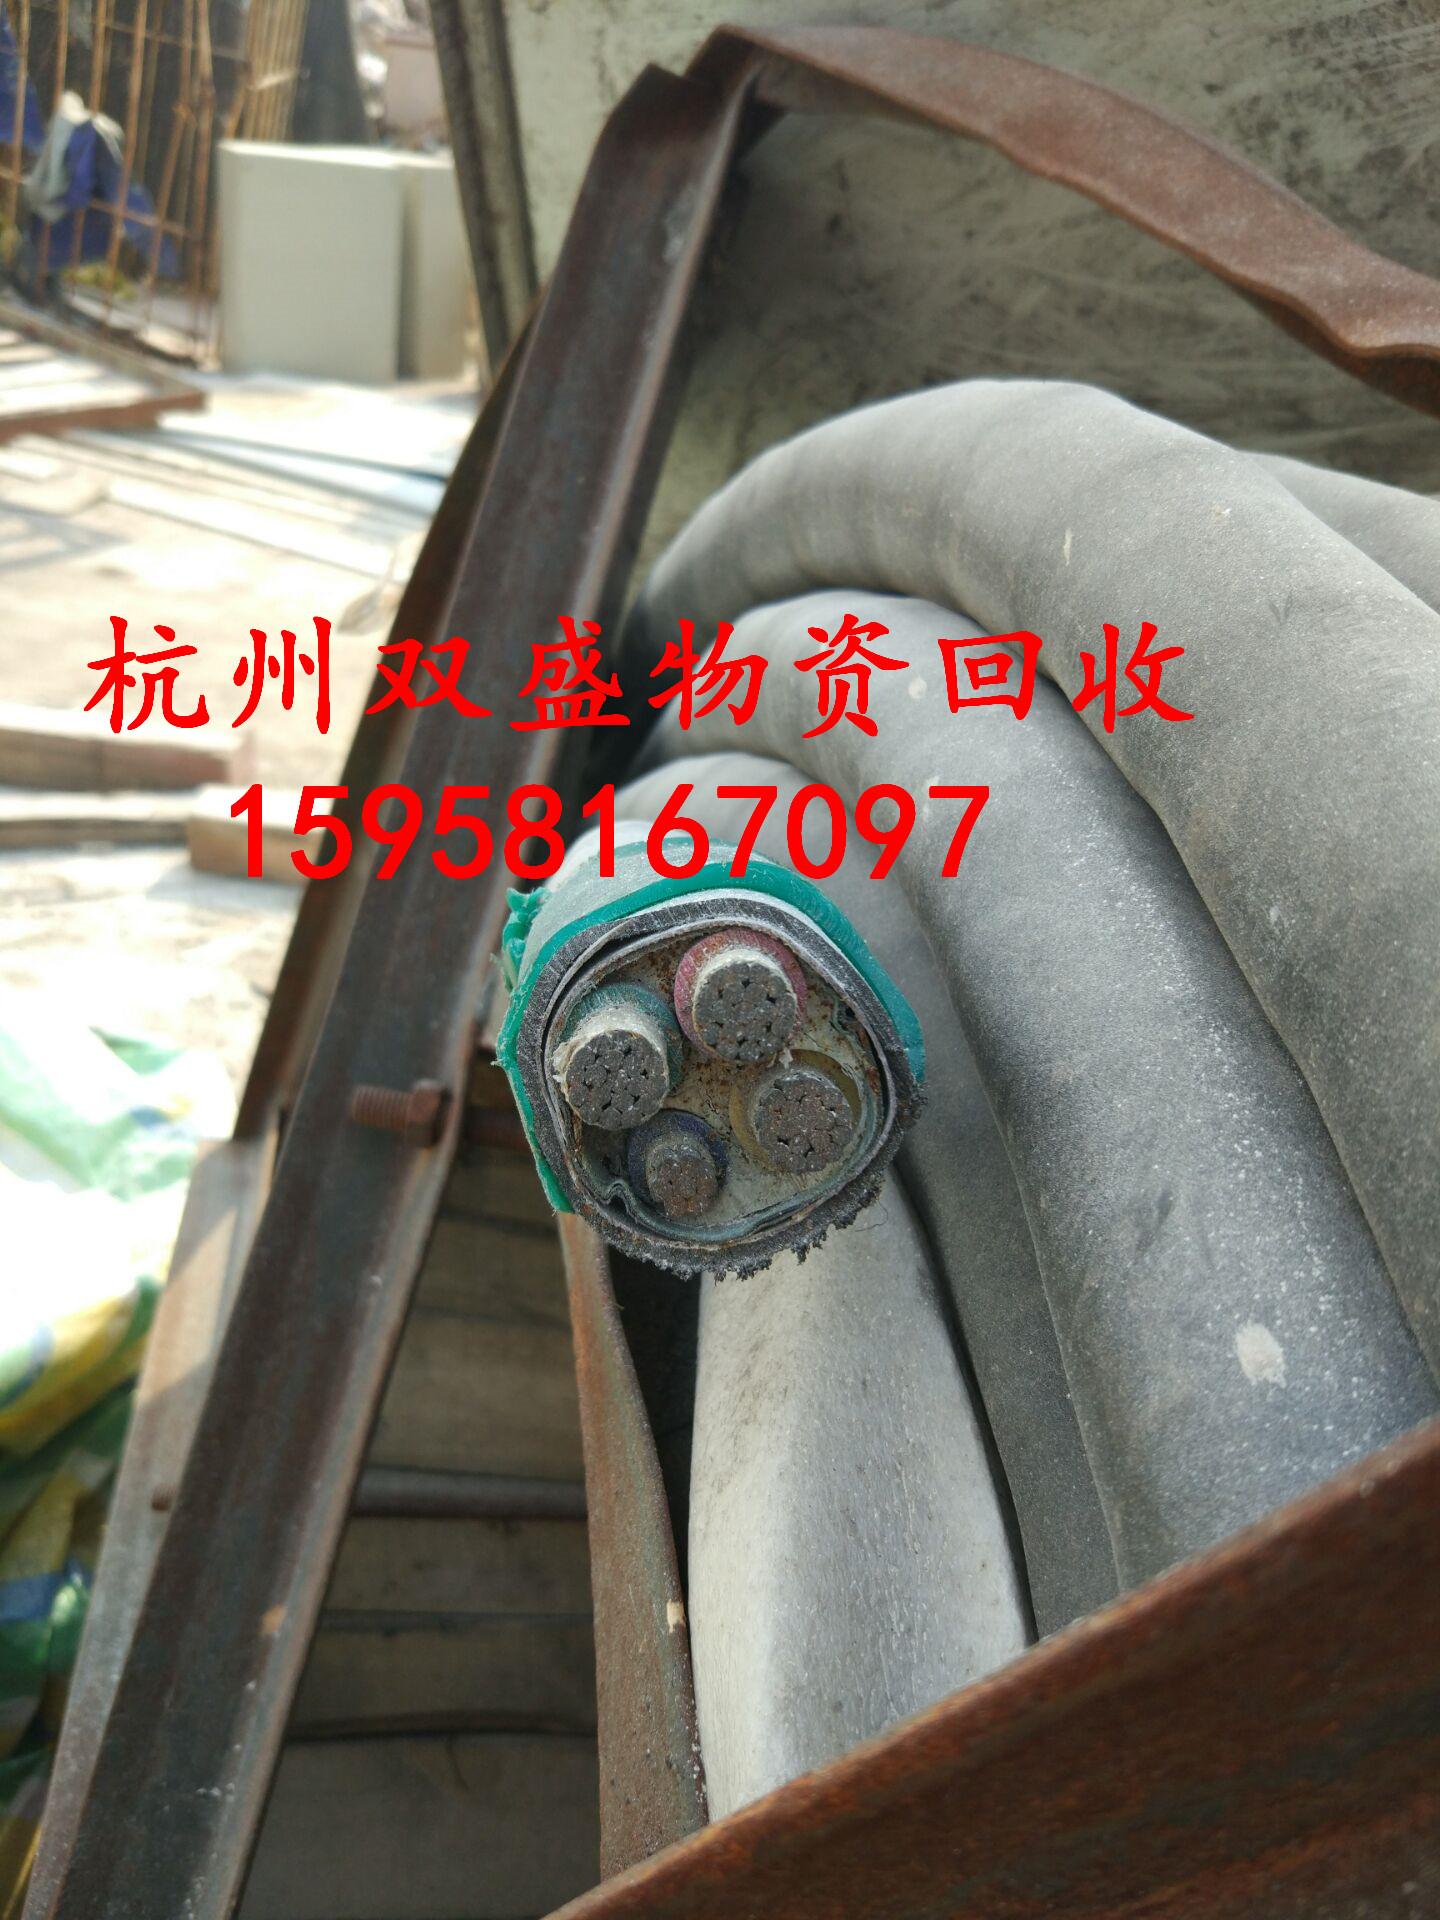 浙江化工设备上门回收